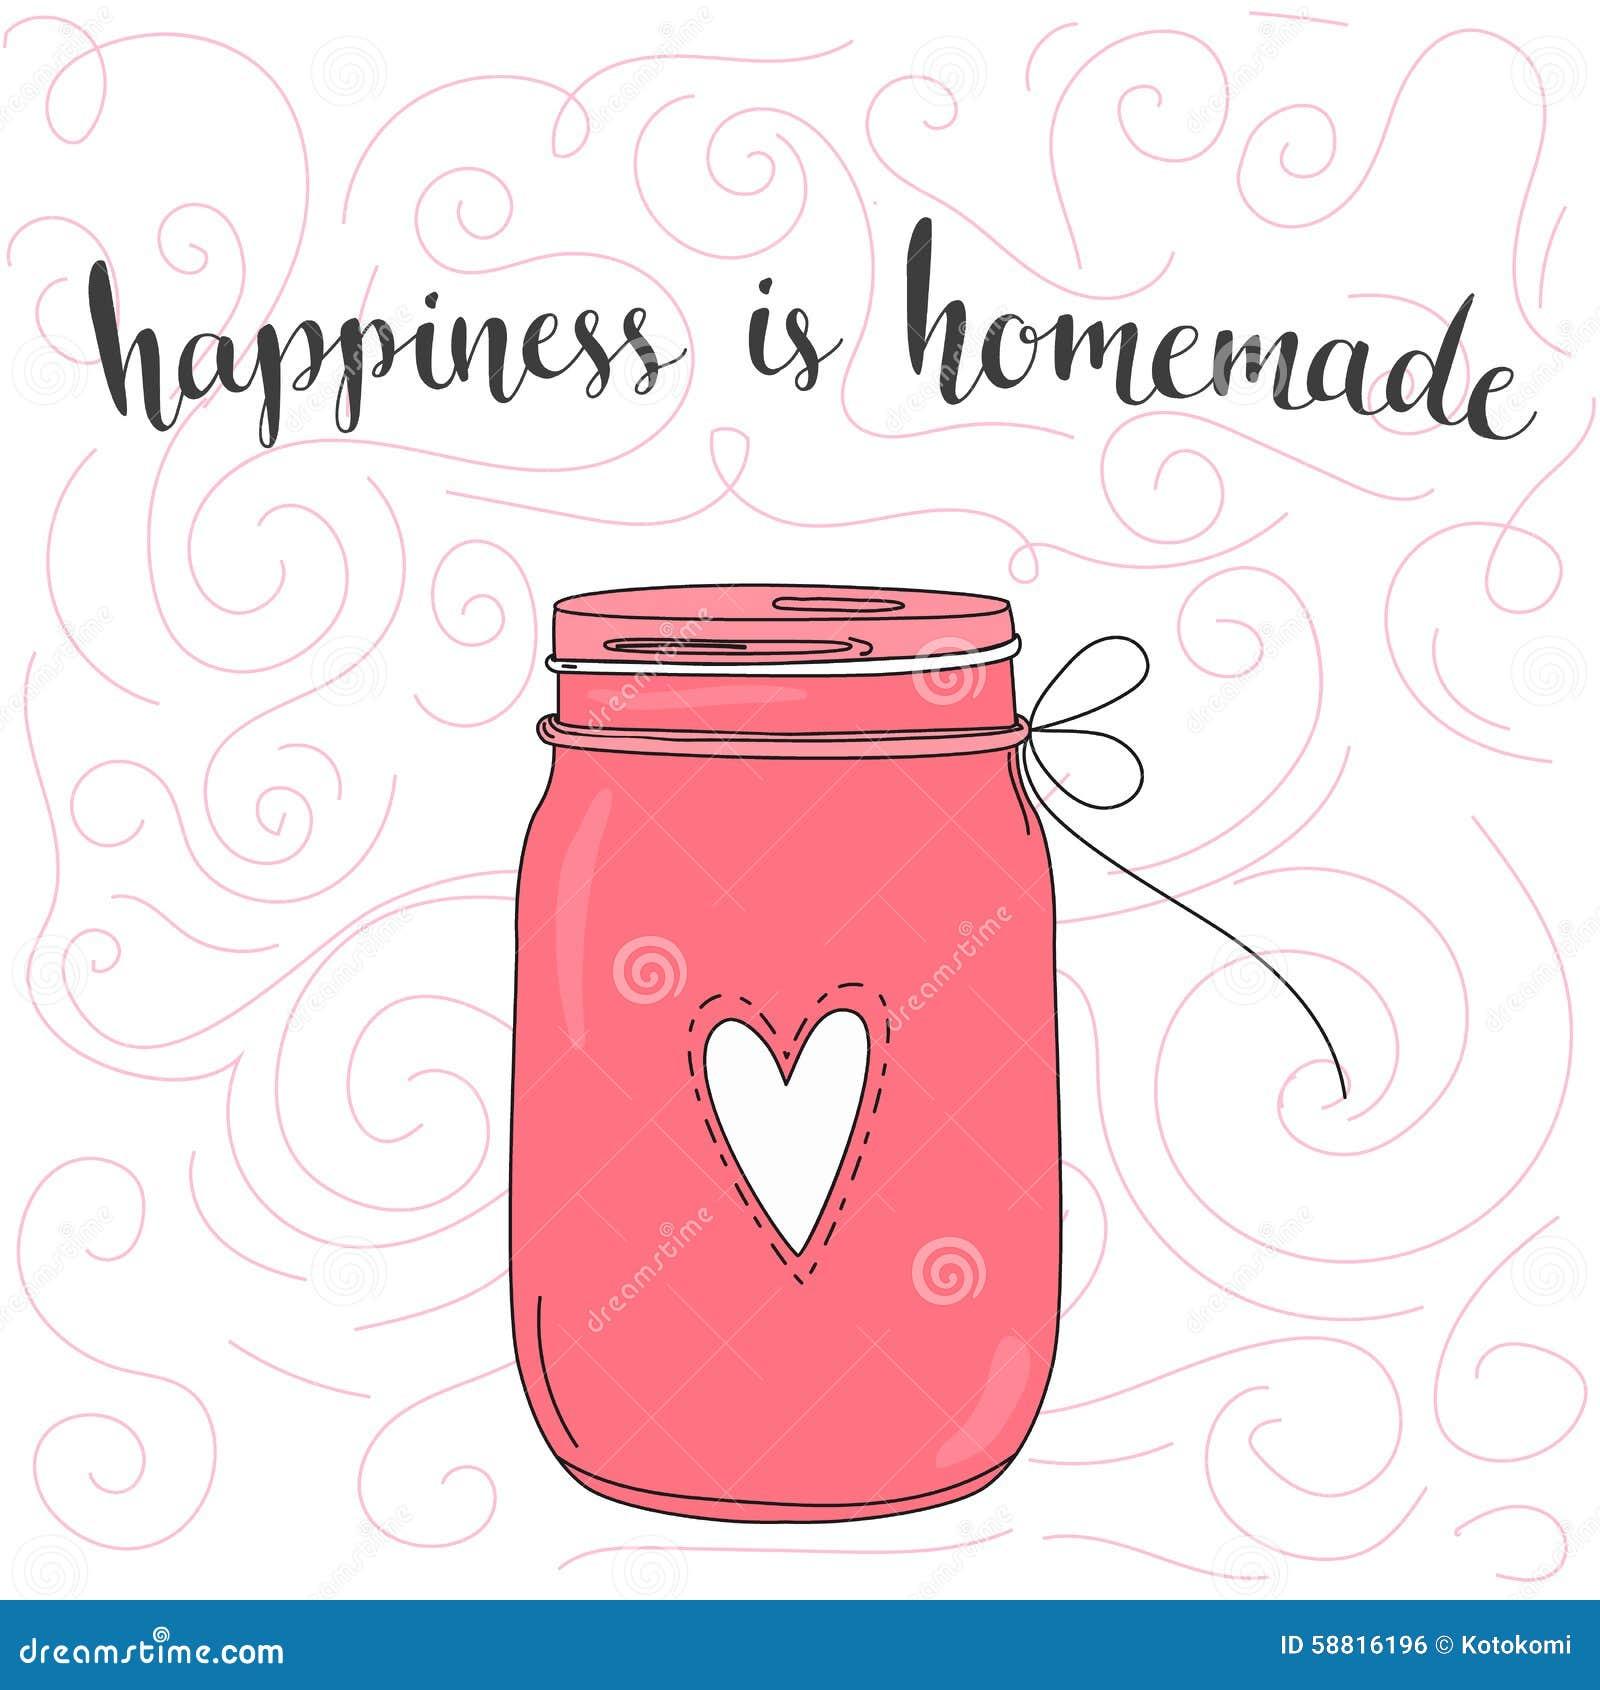 Het geluk is eigengemaakt Inspirational citaat